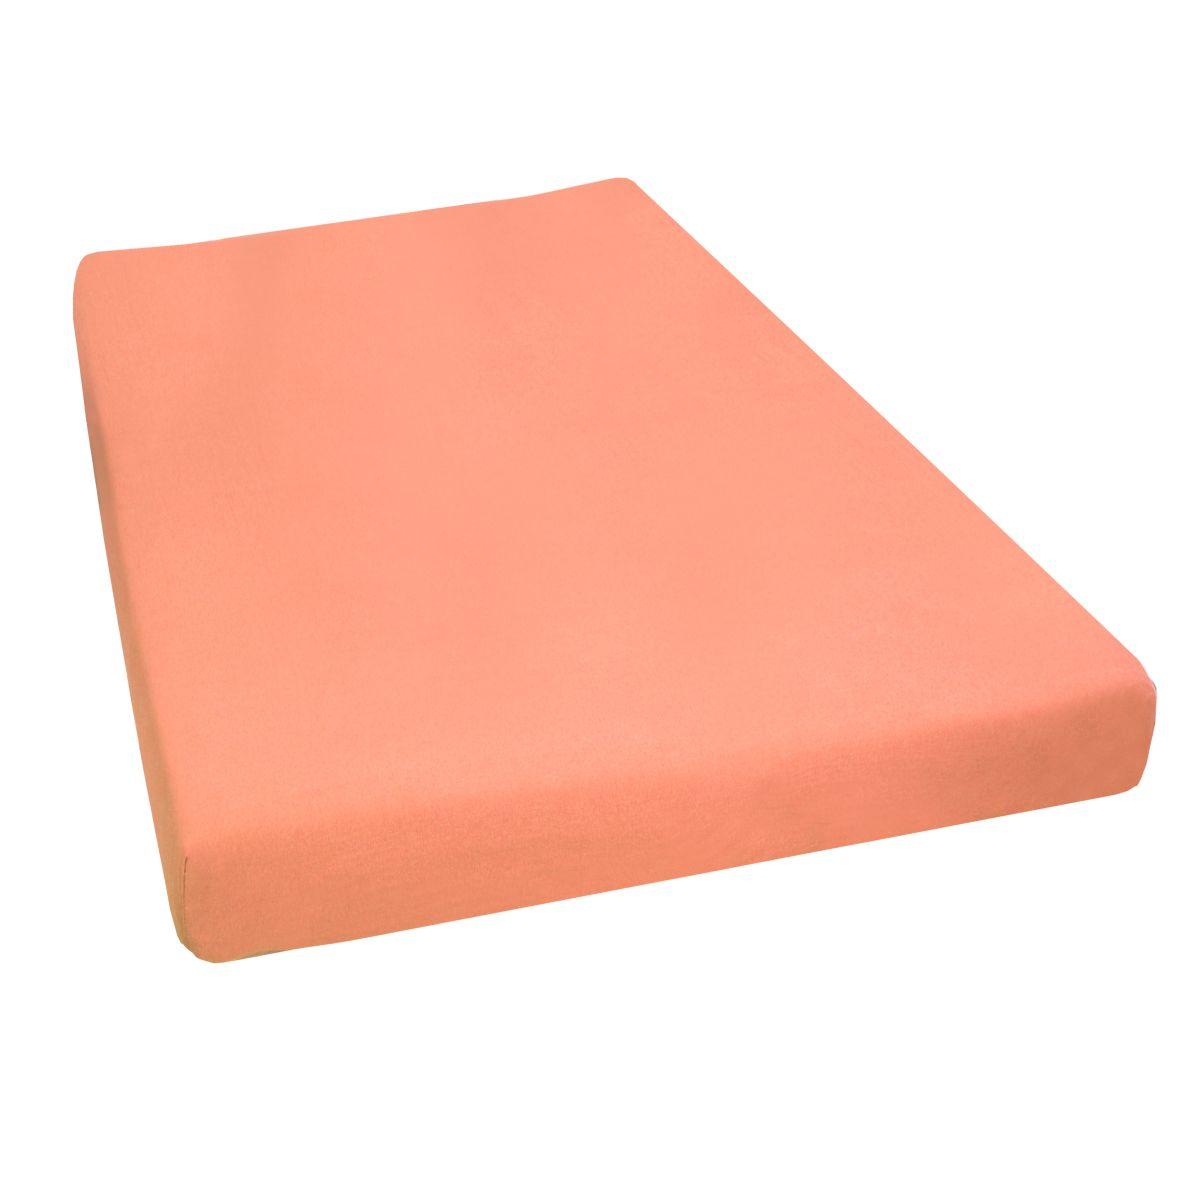 jersey stretch spannbettlaken spannbetttuch in apricot. Black Bedroom Furniture Sets. Home Design Ideas